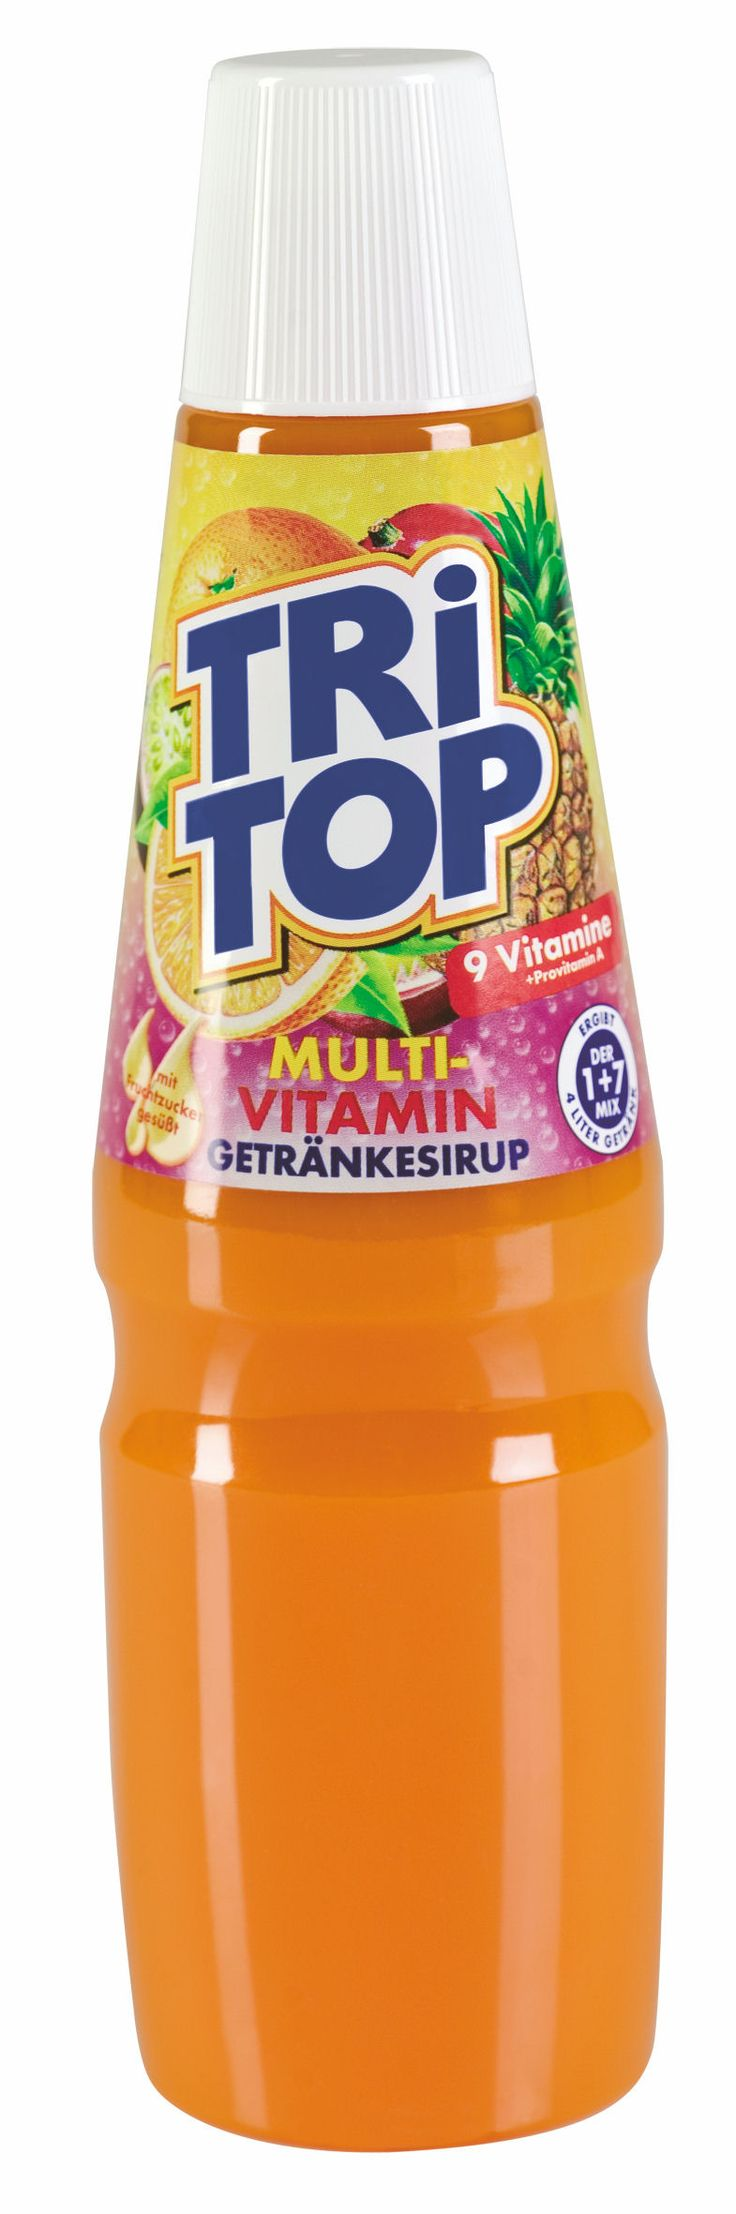 Mandarine war meine Lieblingssorte! Ob mir das heute immer noch schmecken würde....?